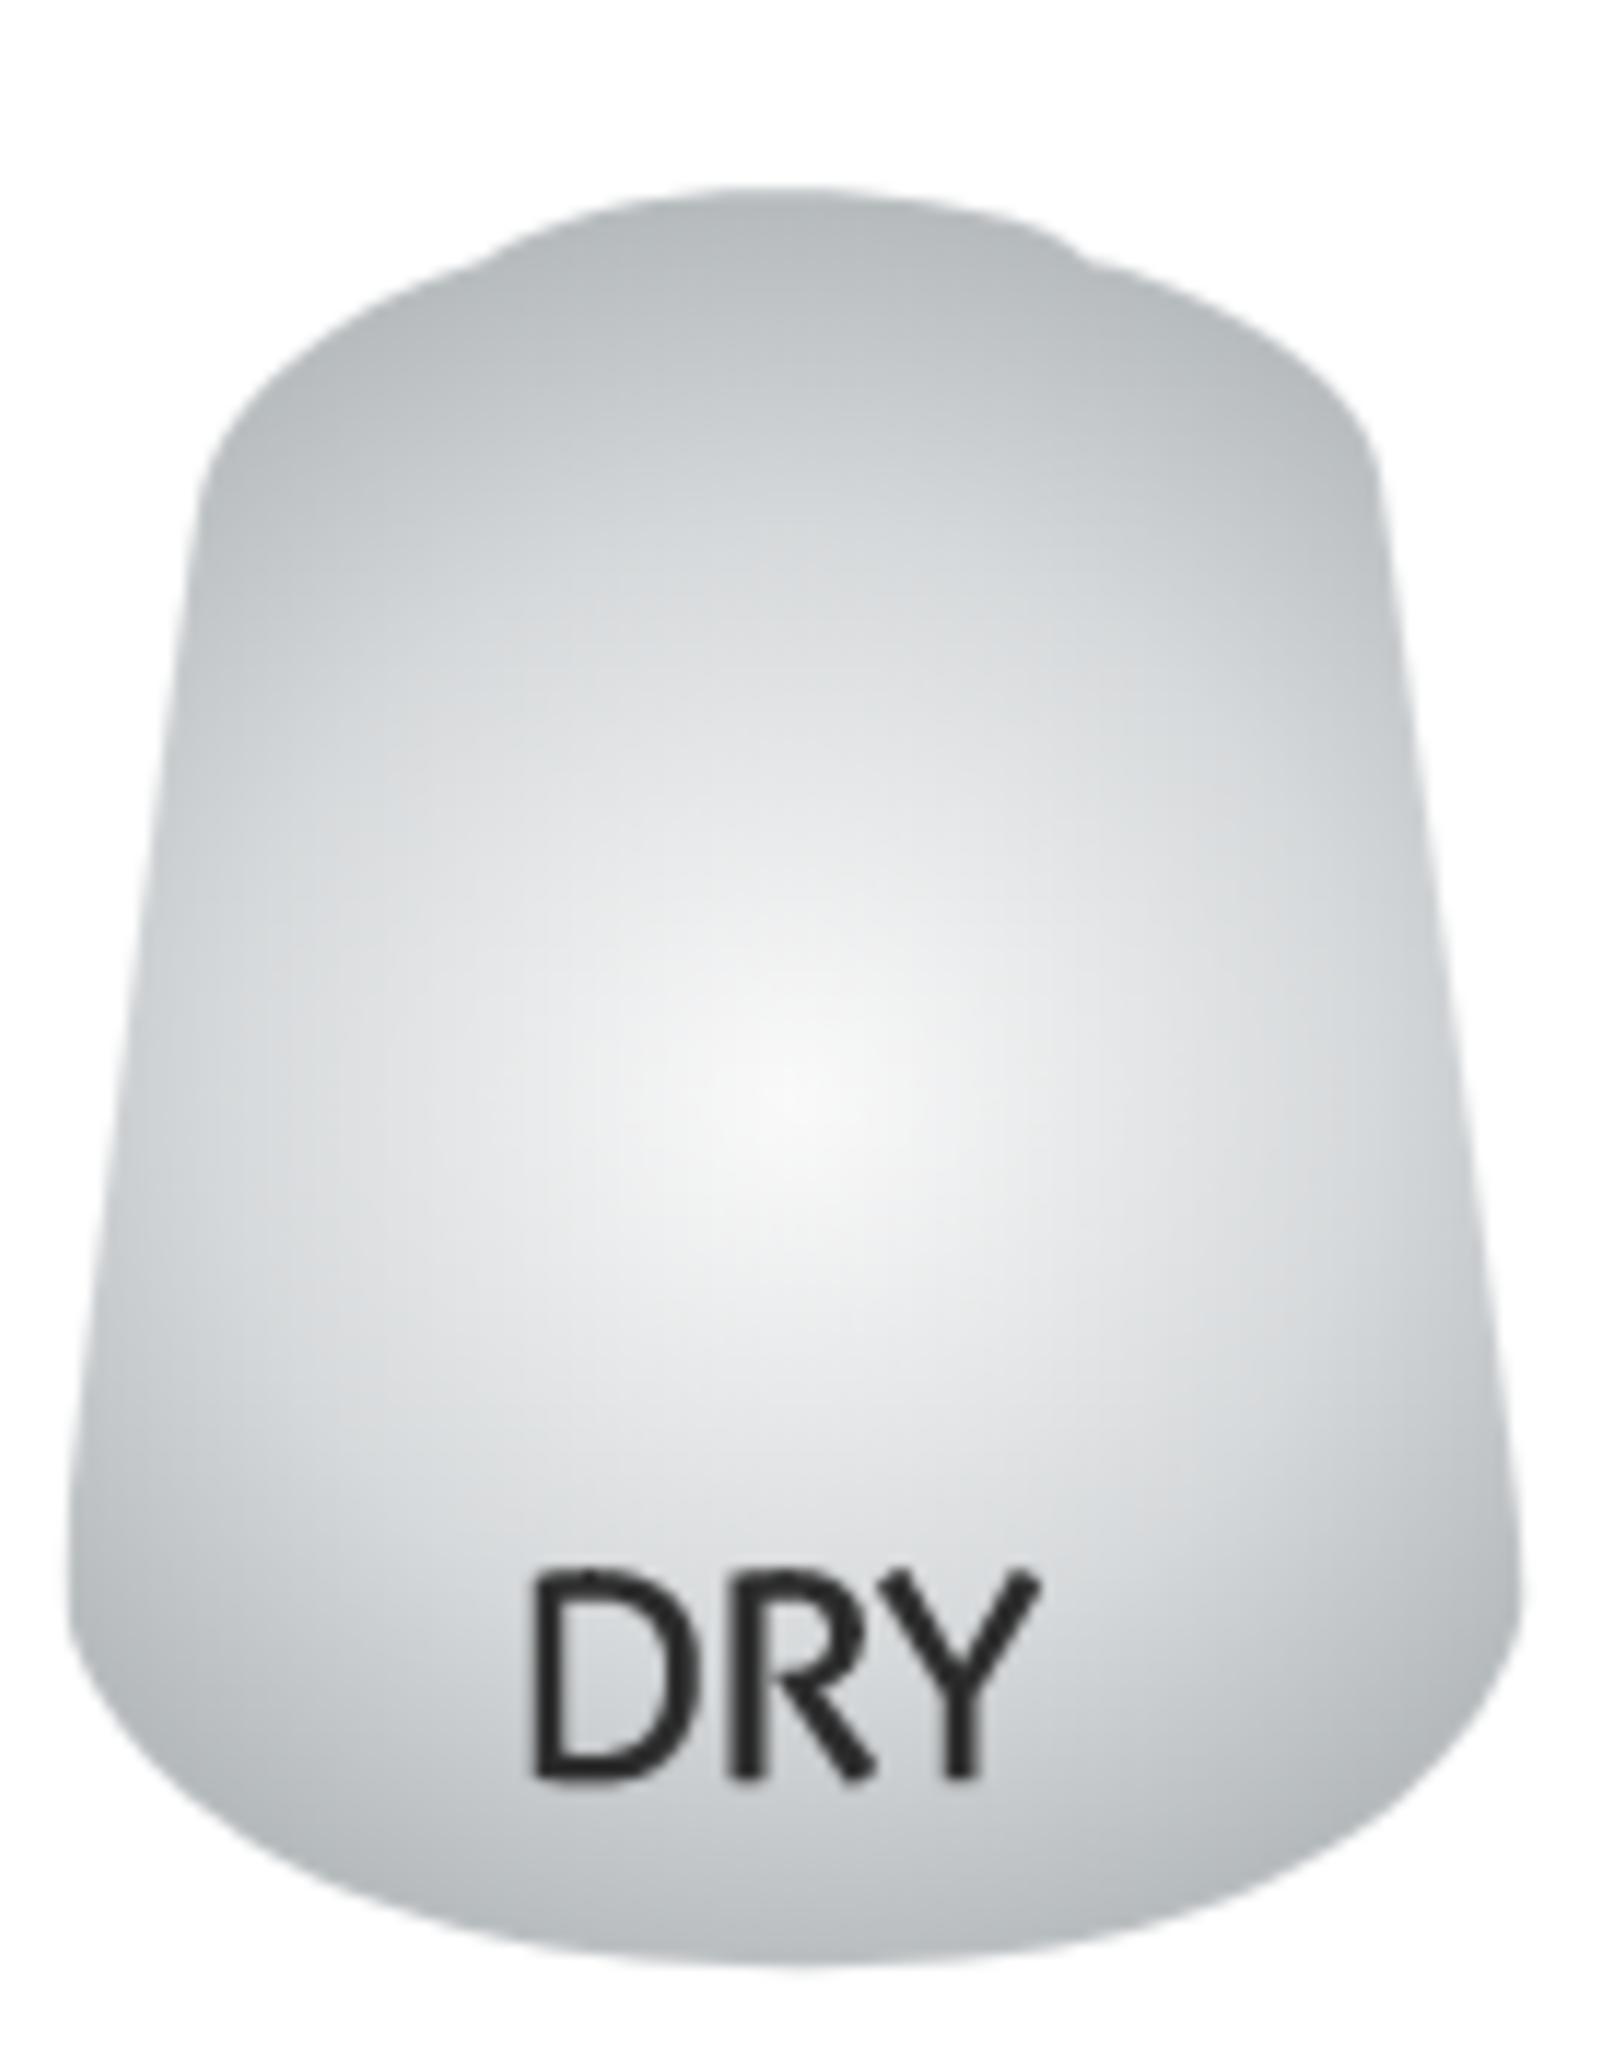 Games Workshop Dry: Necron Compound (12ml) Paint